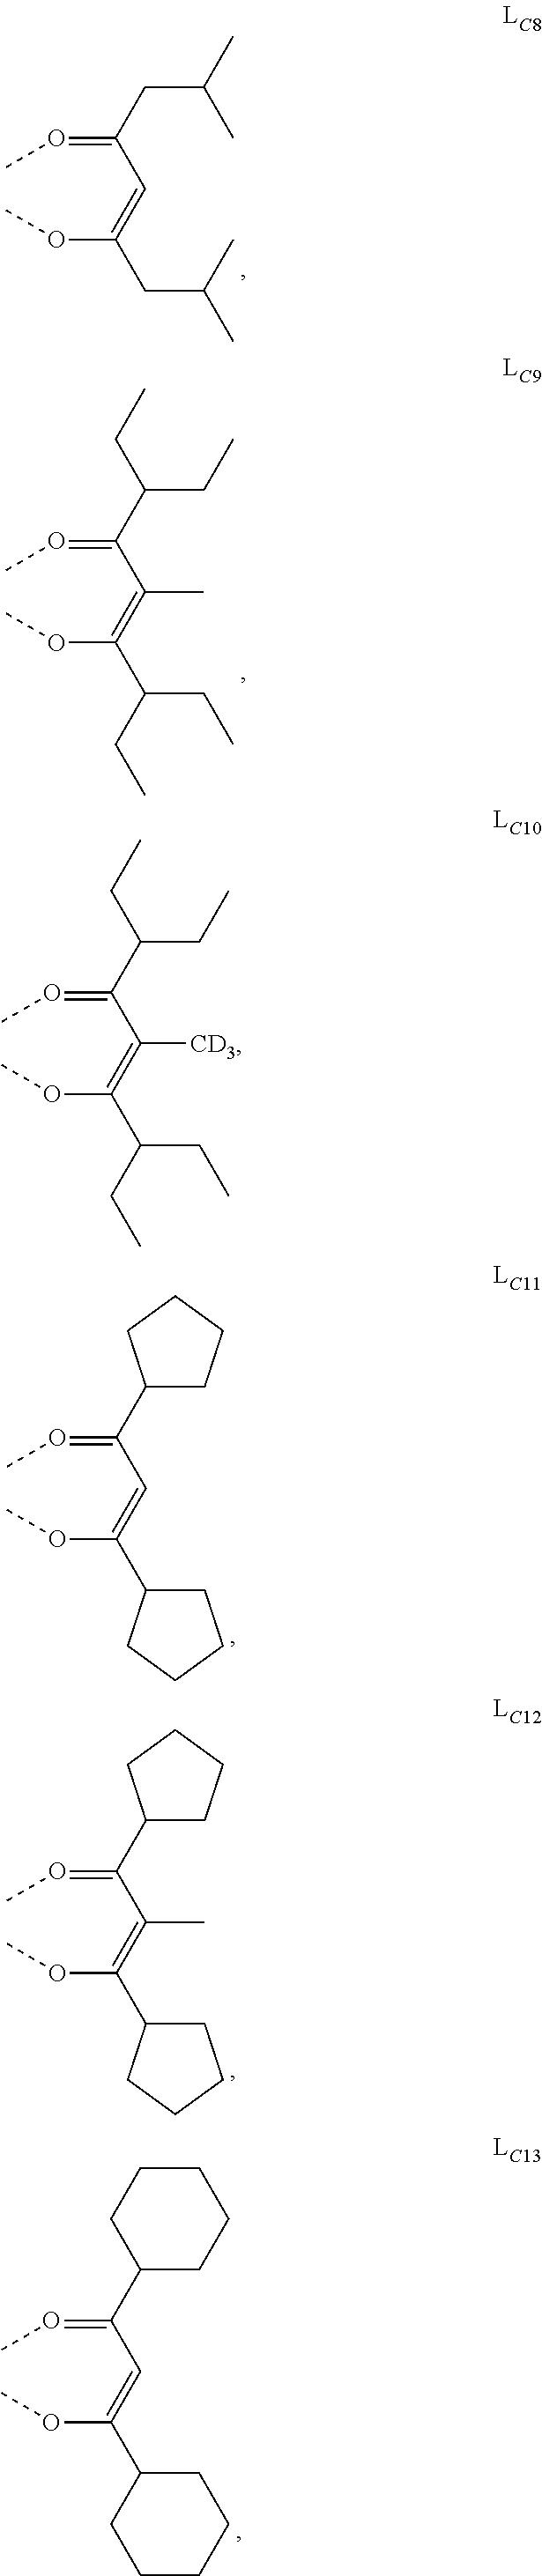 Figure US09929360-20180327-C00215